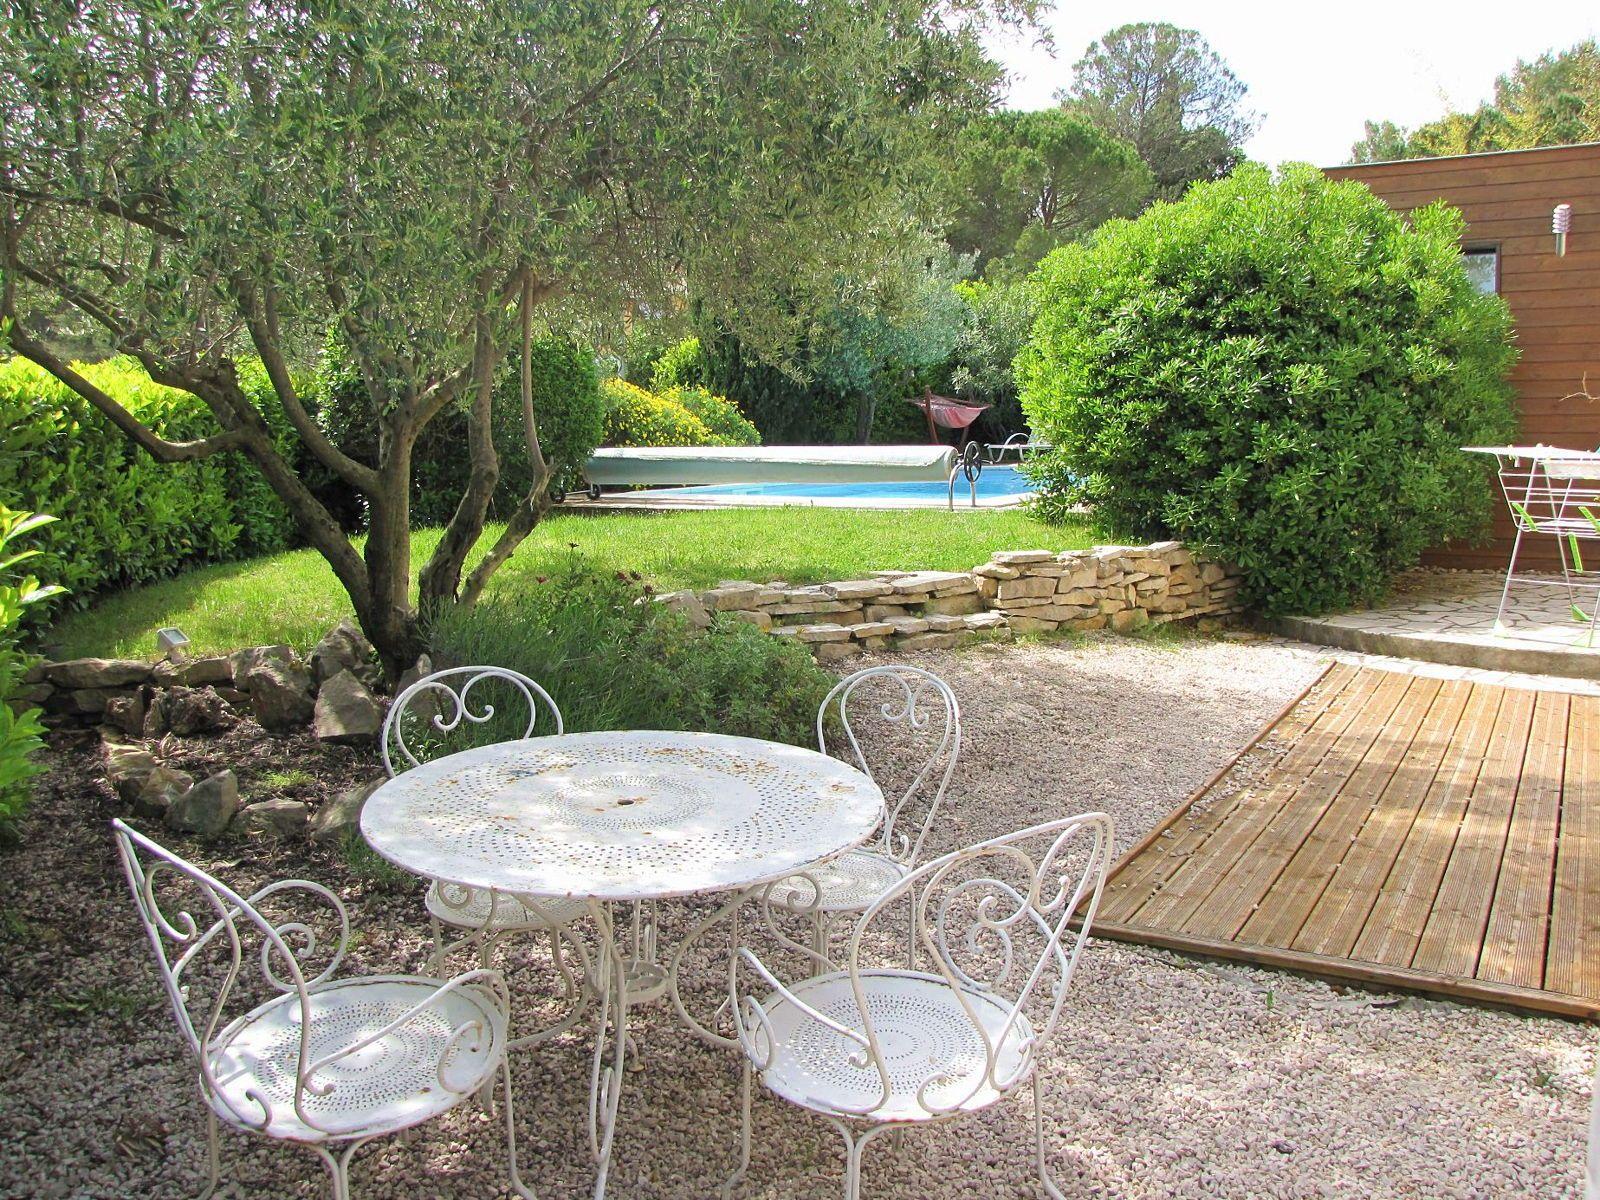 Loue villa avec piscine / 9couchages / proche Montpellier - Teyran (34)